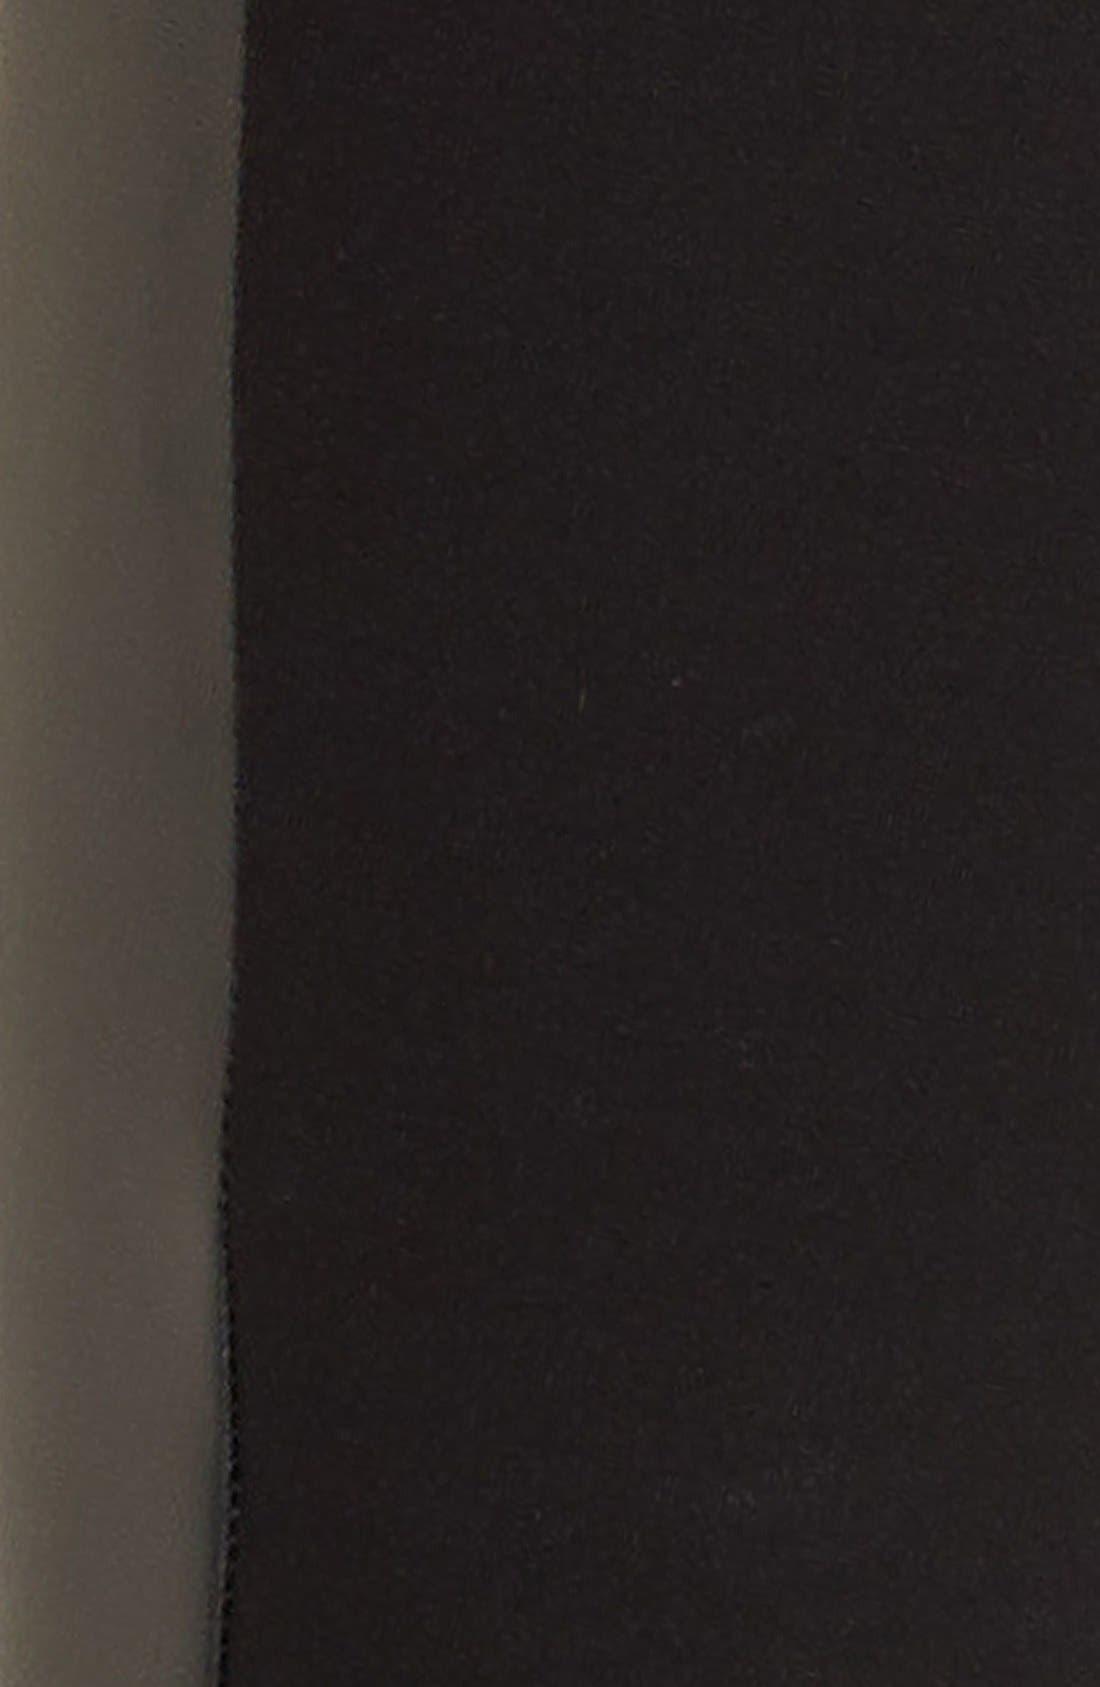 'Double Trouble' Knit & Faux Leather Leggings,                             Alternate thumbnail 3, color,